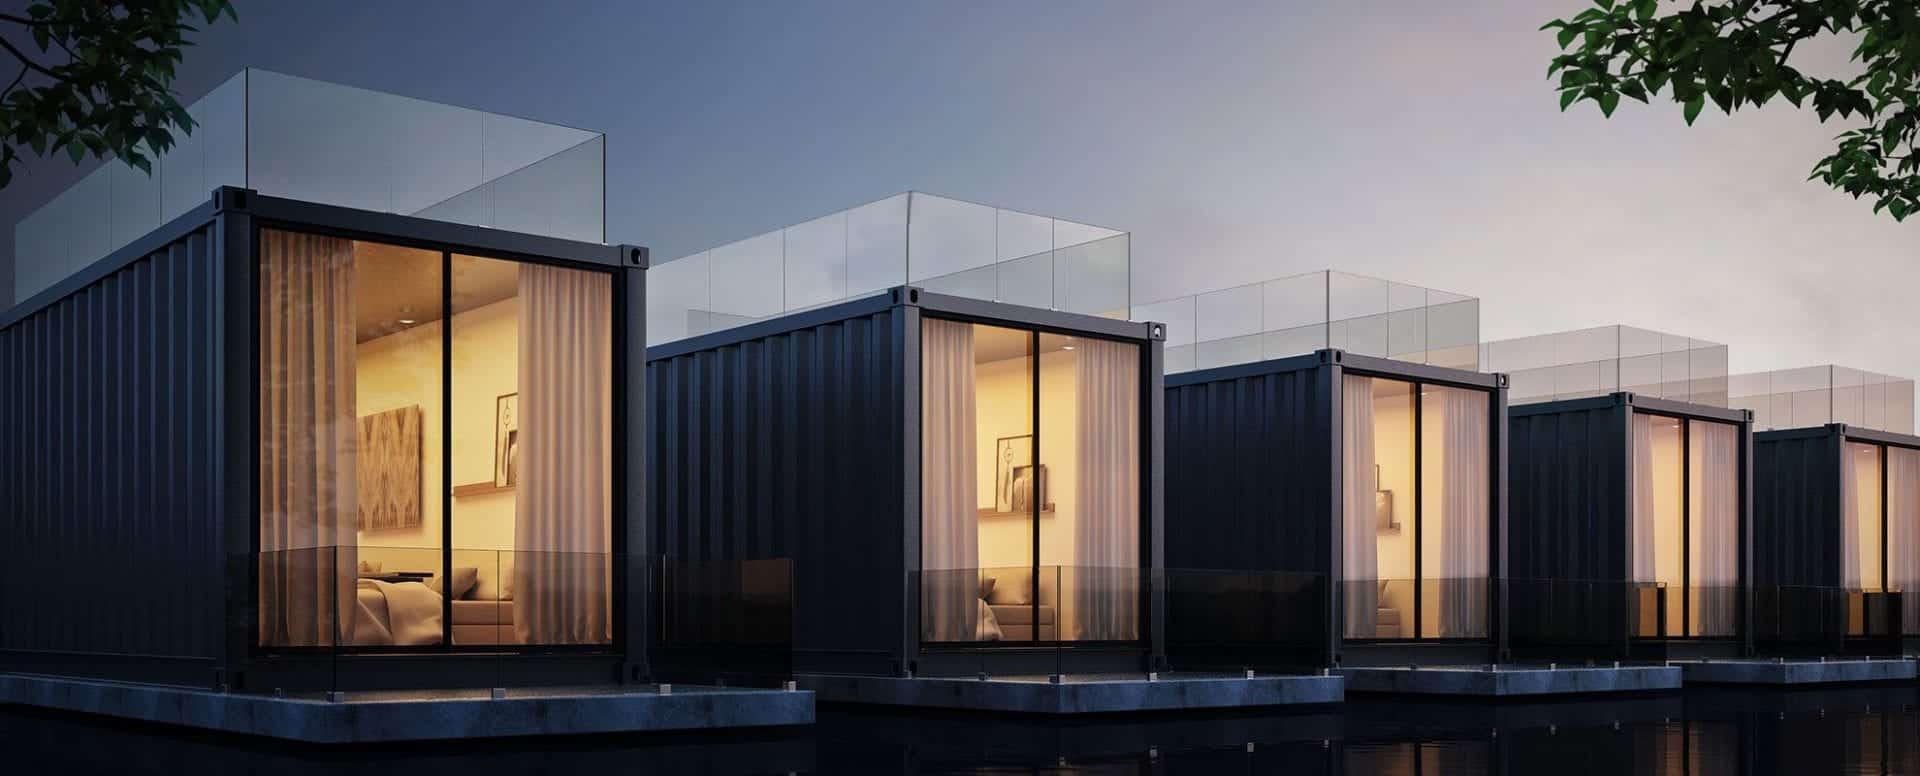 Casa de container - o que é, preços, valores e exemplos